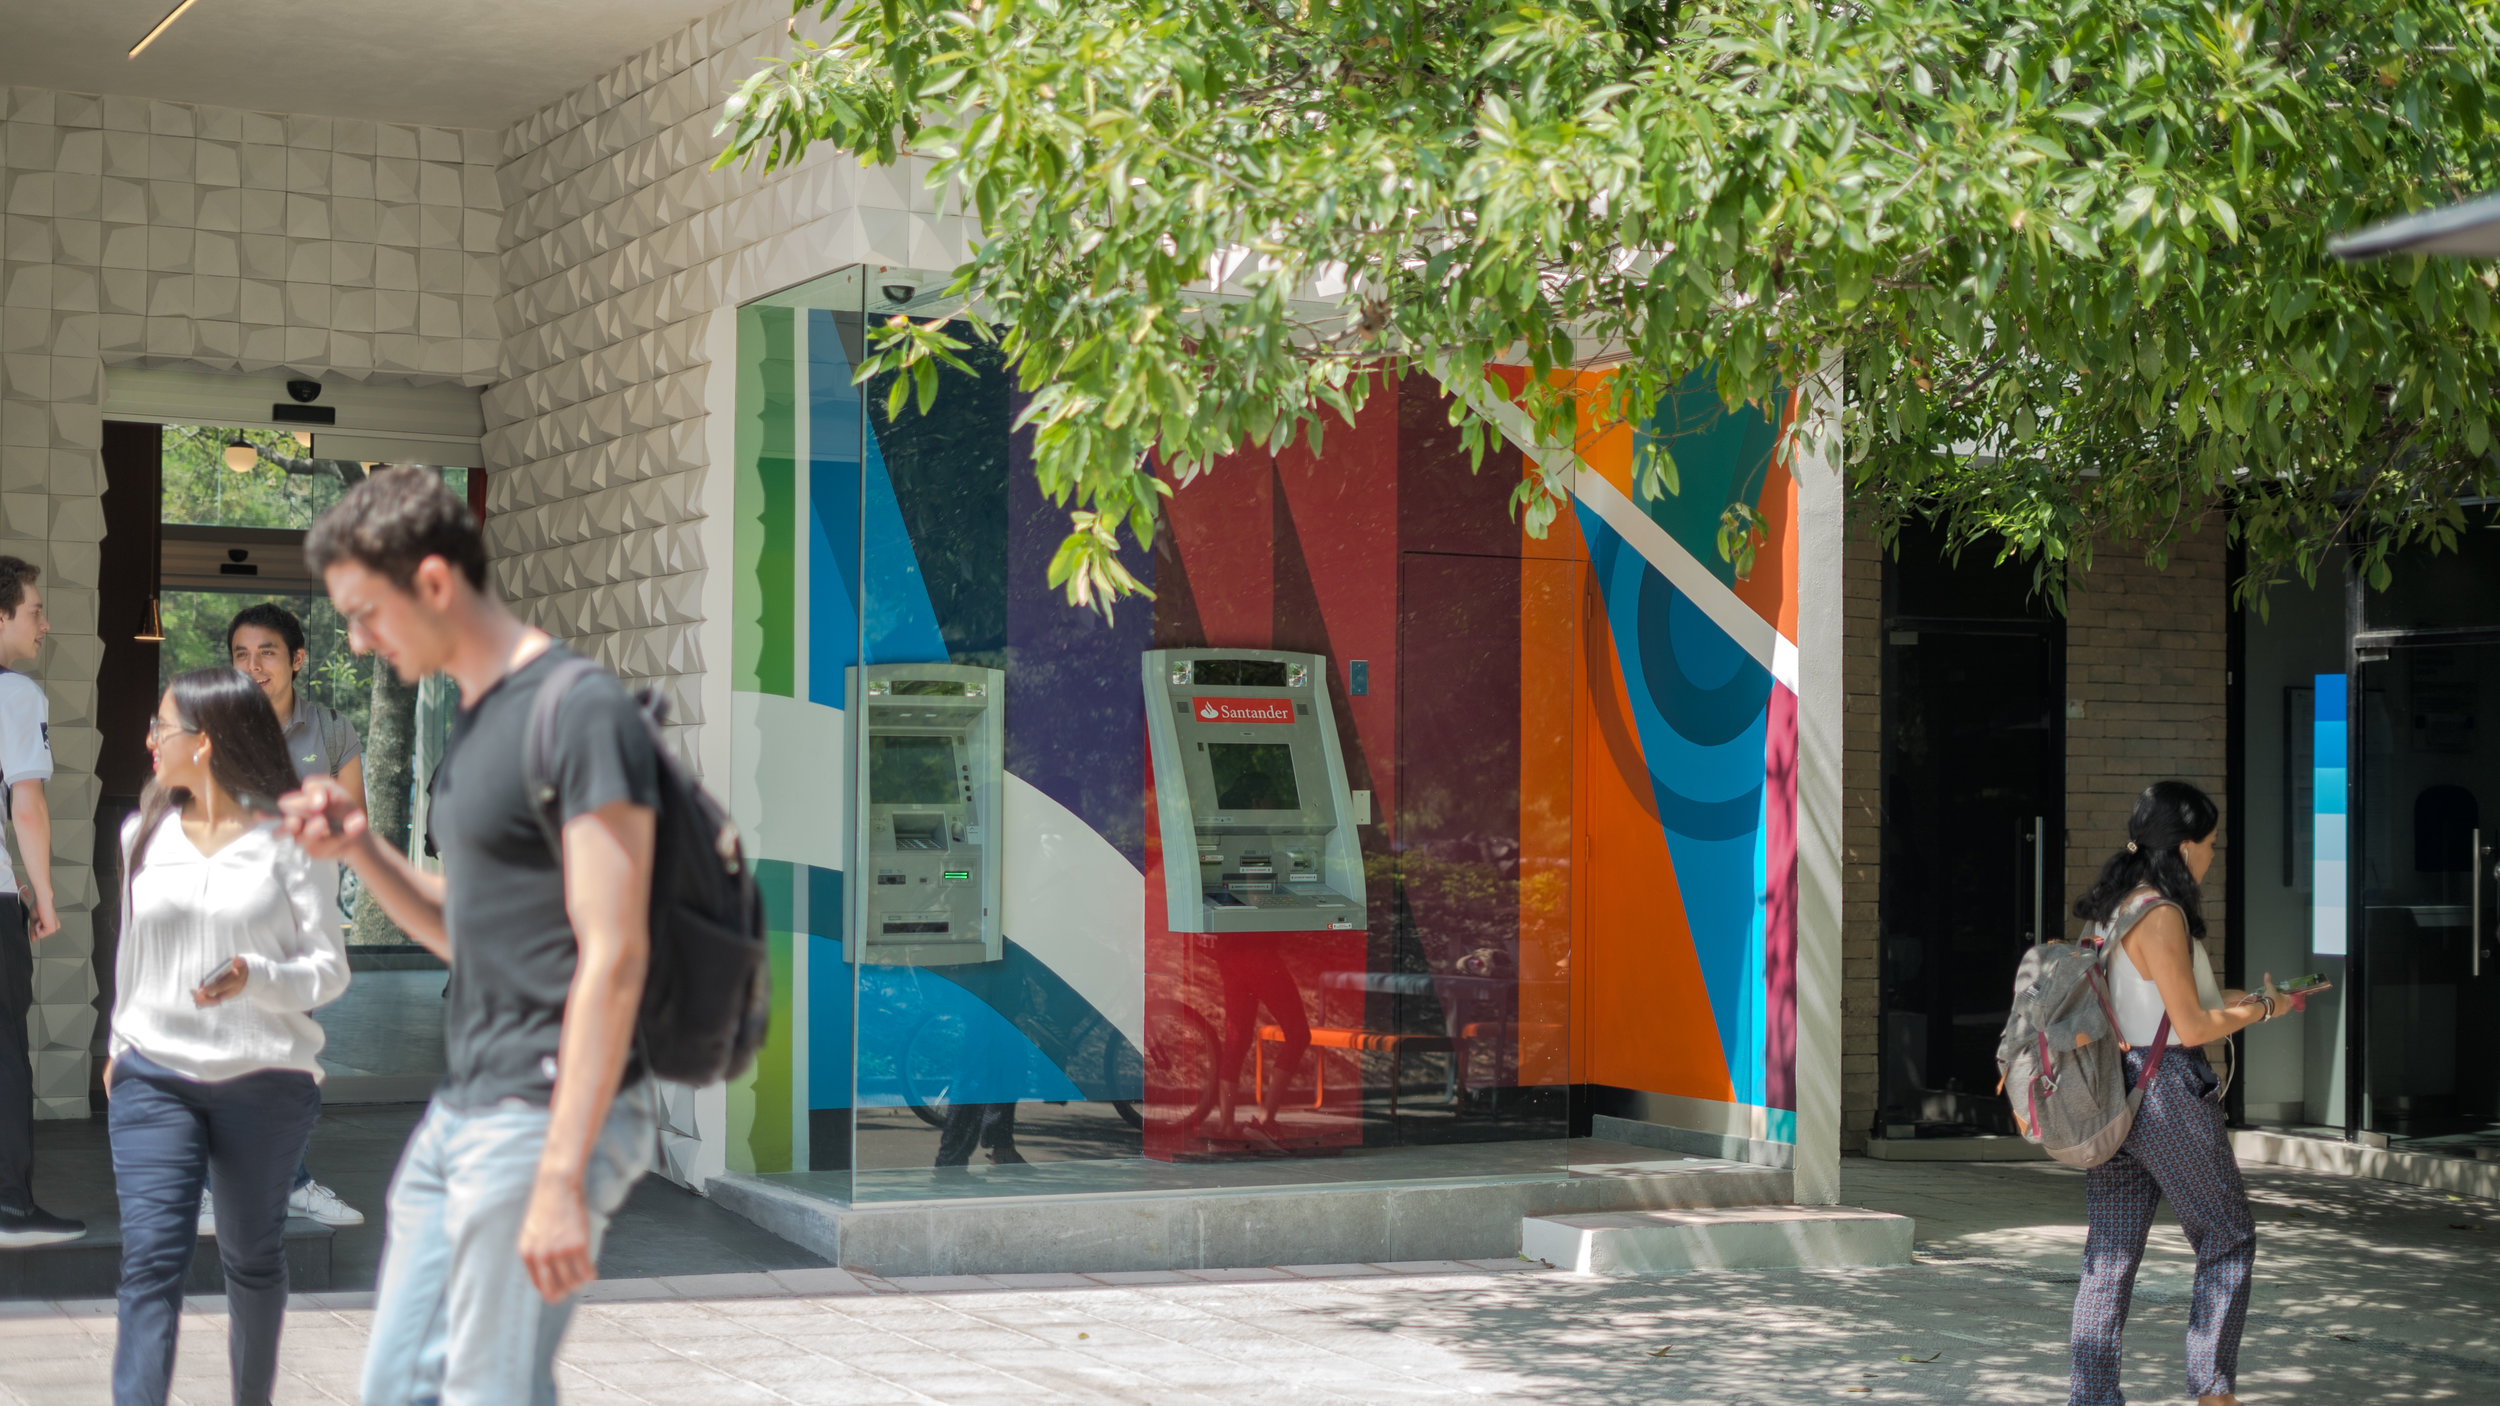 distrito tec monterrey mexico banco santander artist arre